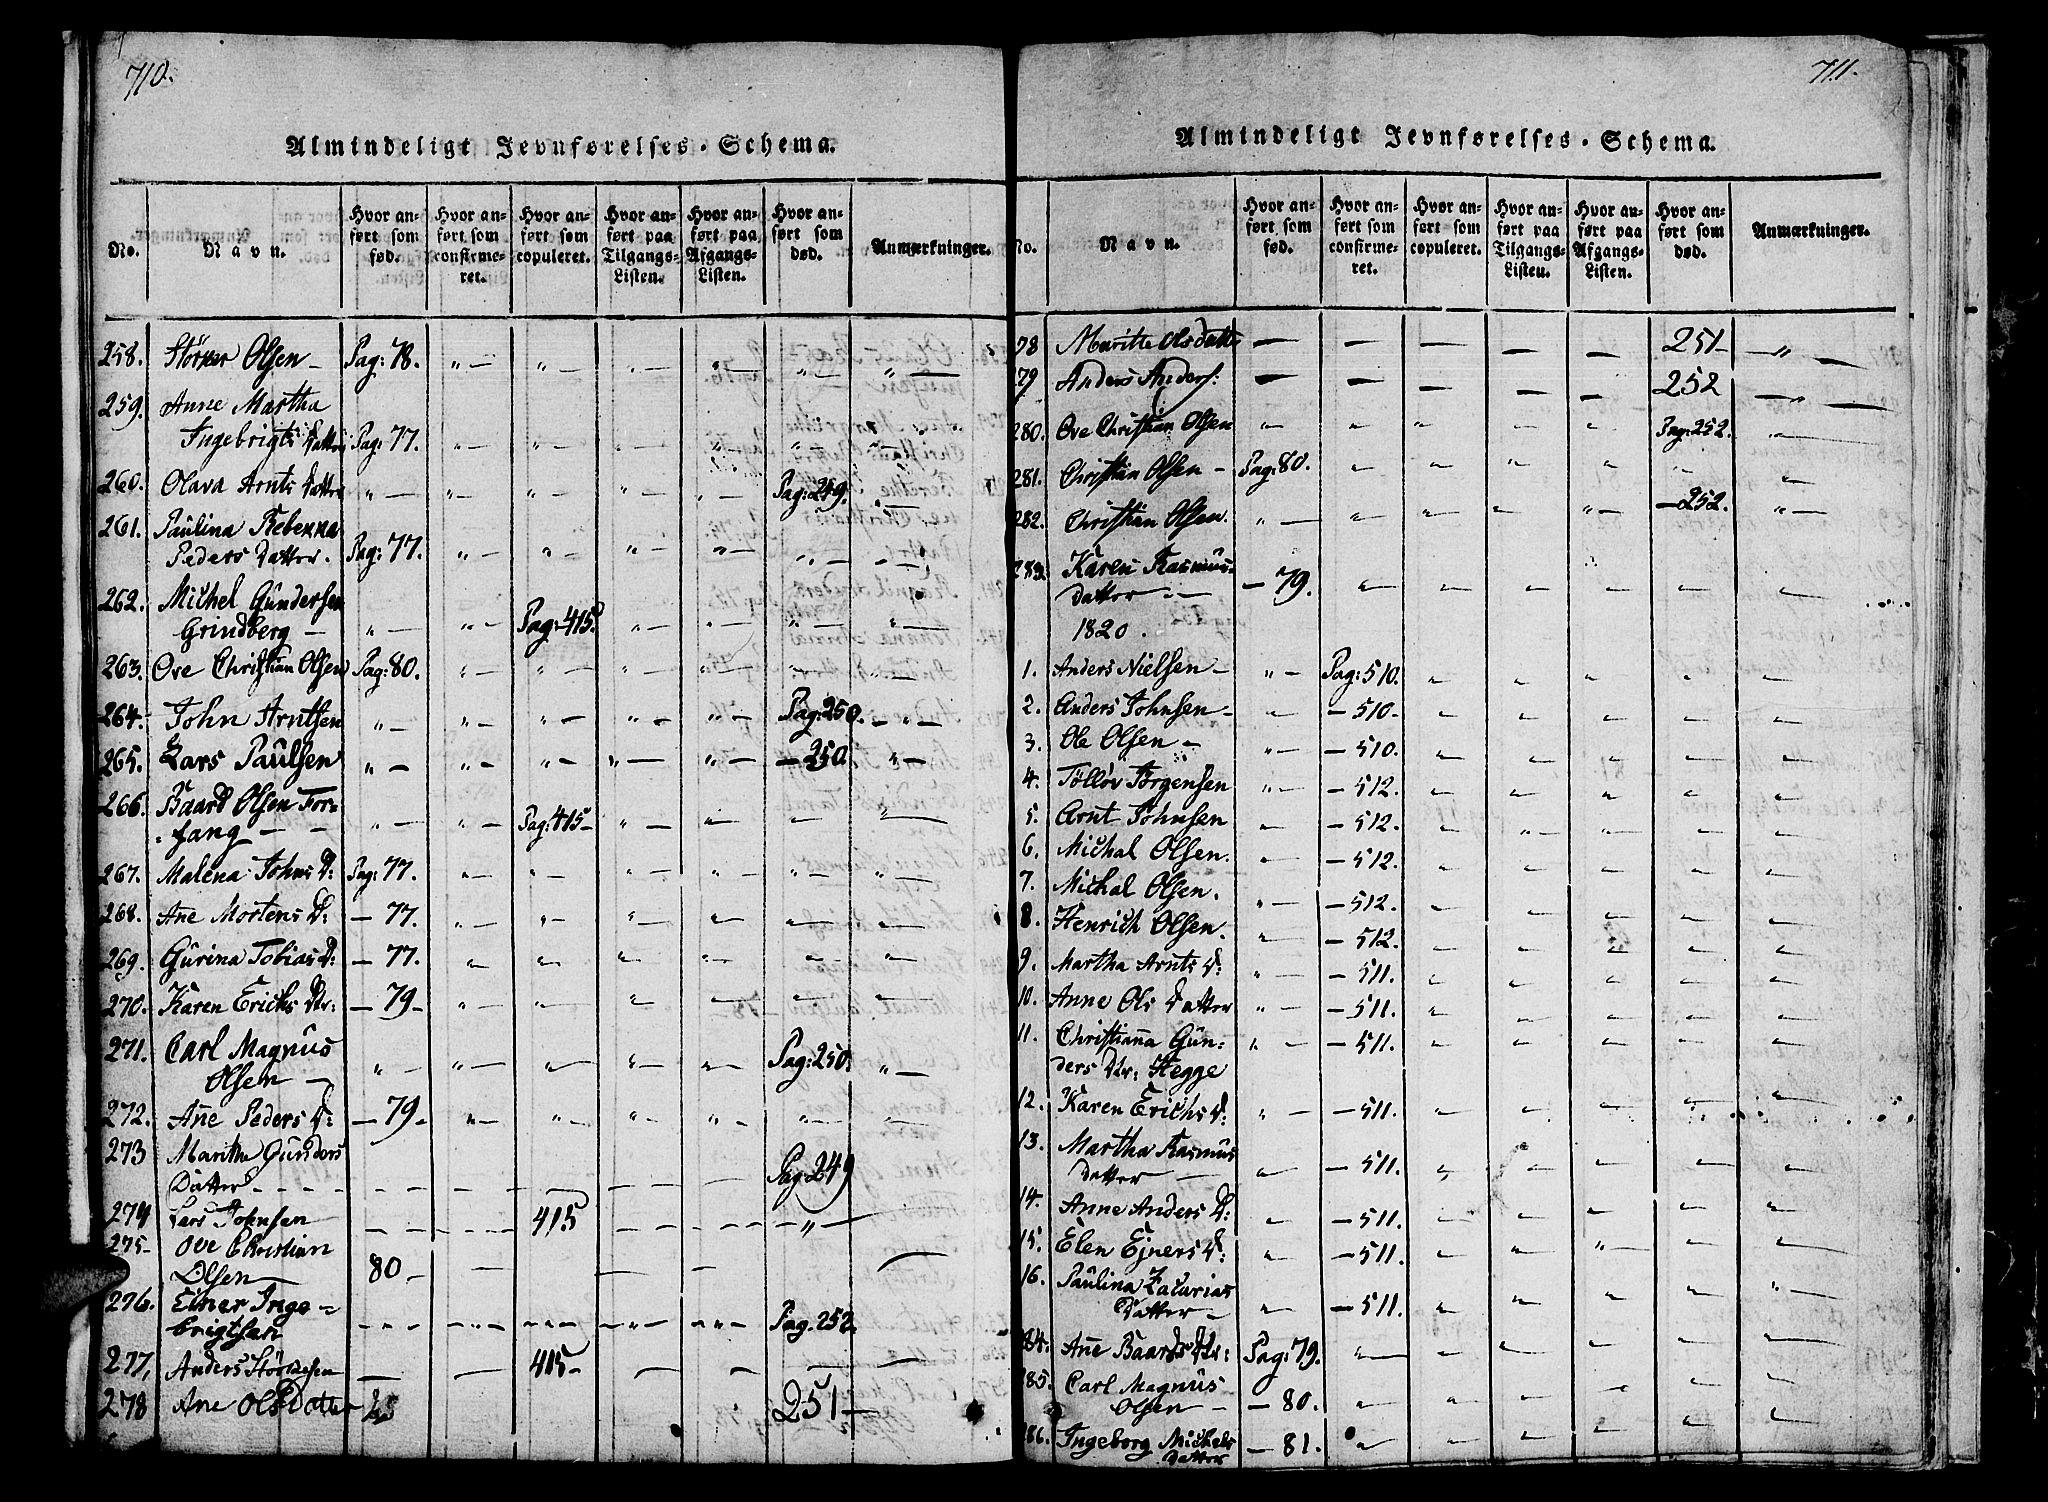 SAT, Ministerialprotokoller, klokkerbøker og fødselsregistre - Nord-Trøndelag, 746/L0441: Ministerialbok nr. 746A03 /2, 1816-1827, s. 710-711